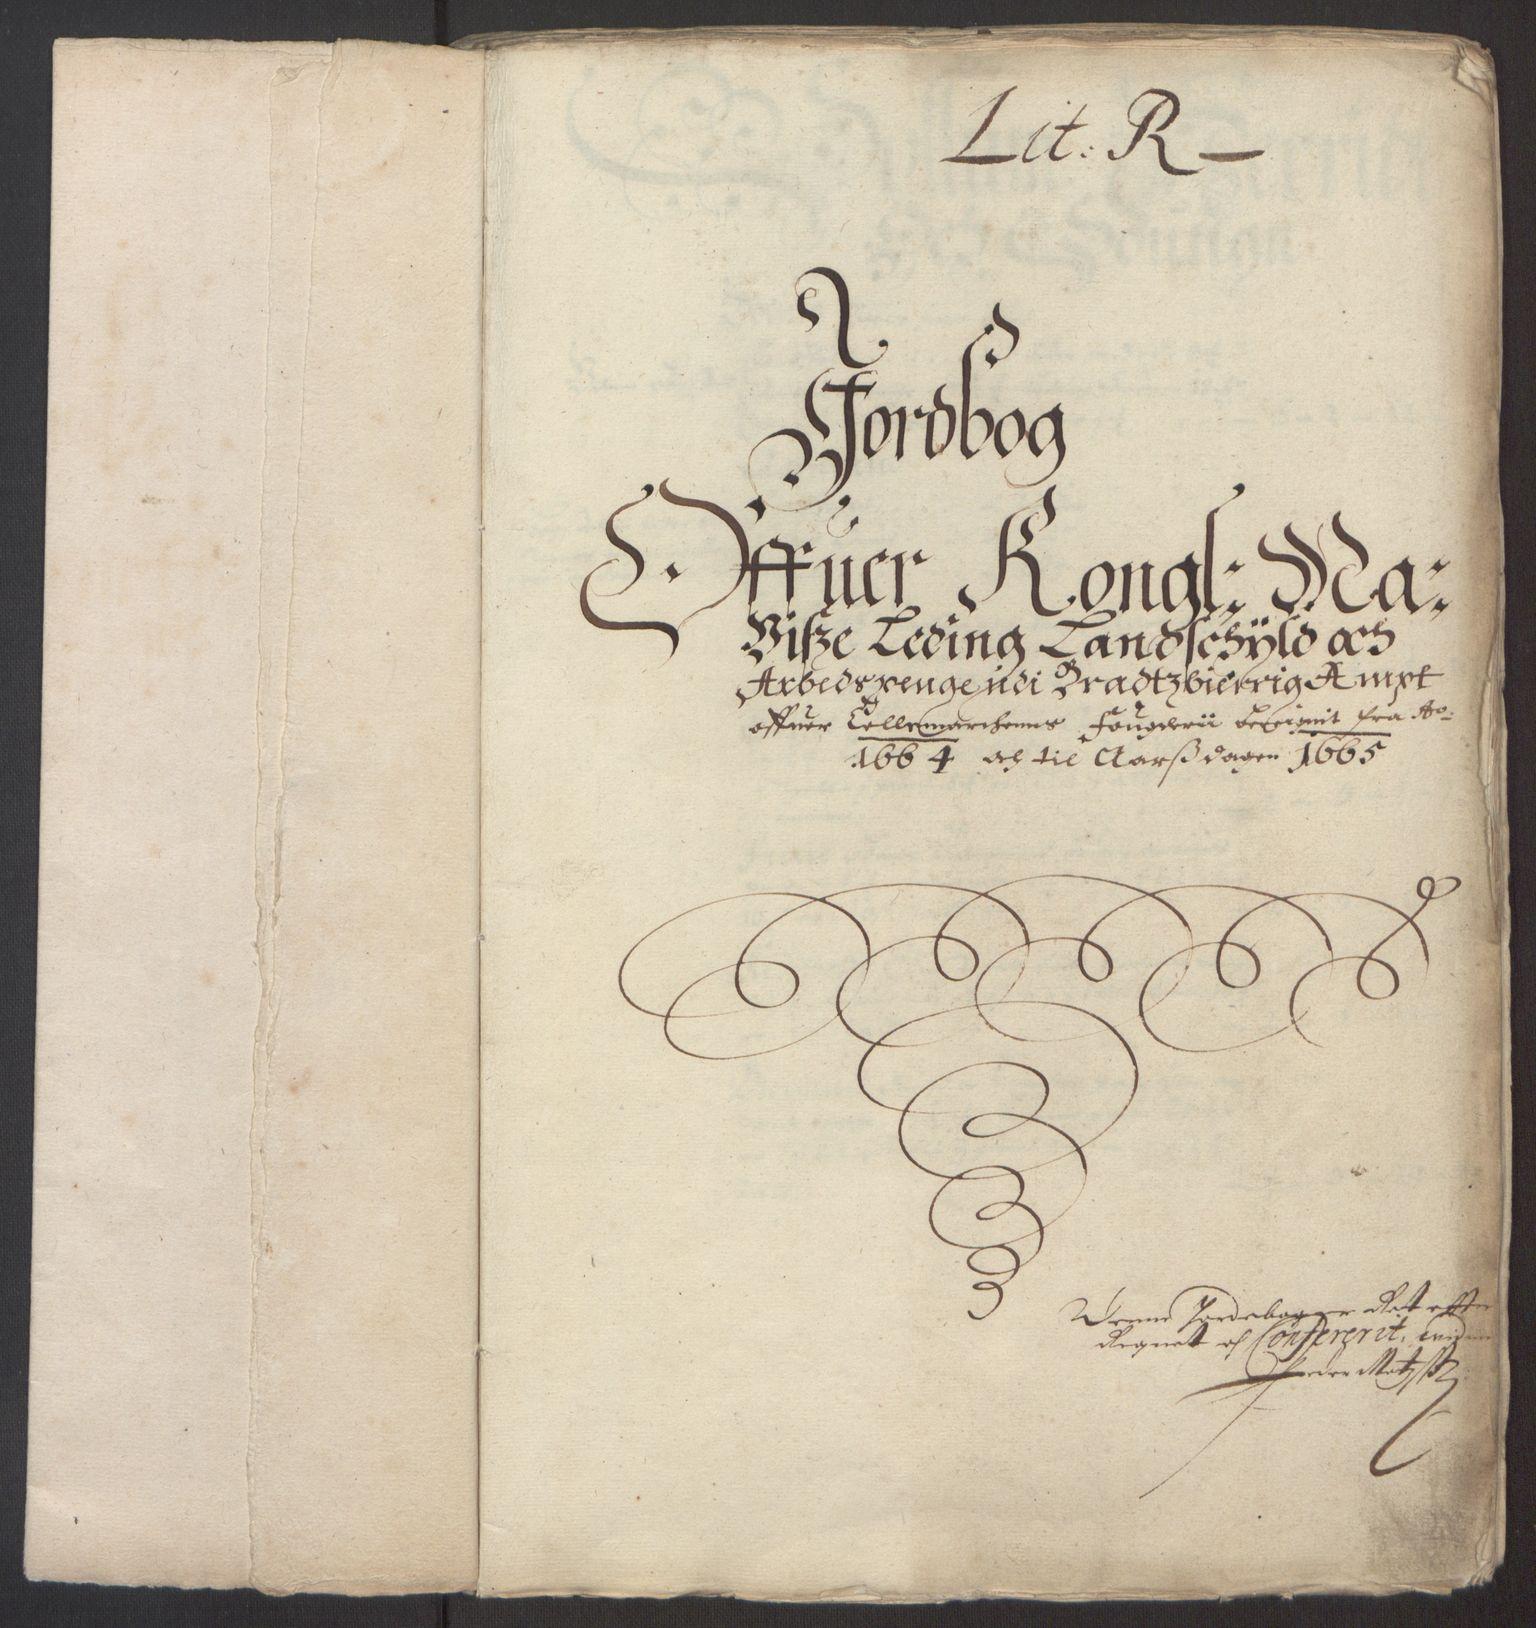 RA, Rentekammeret inntil 1814, Reviderte regnskaper, Fogderegnskap, R35/L2055: Fogderegnskap Øvre og Nedre Telemark, 1664, s. 168